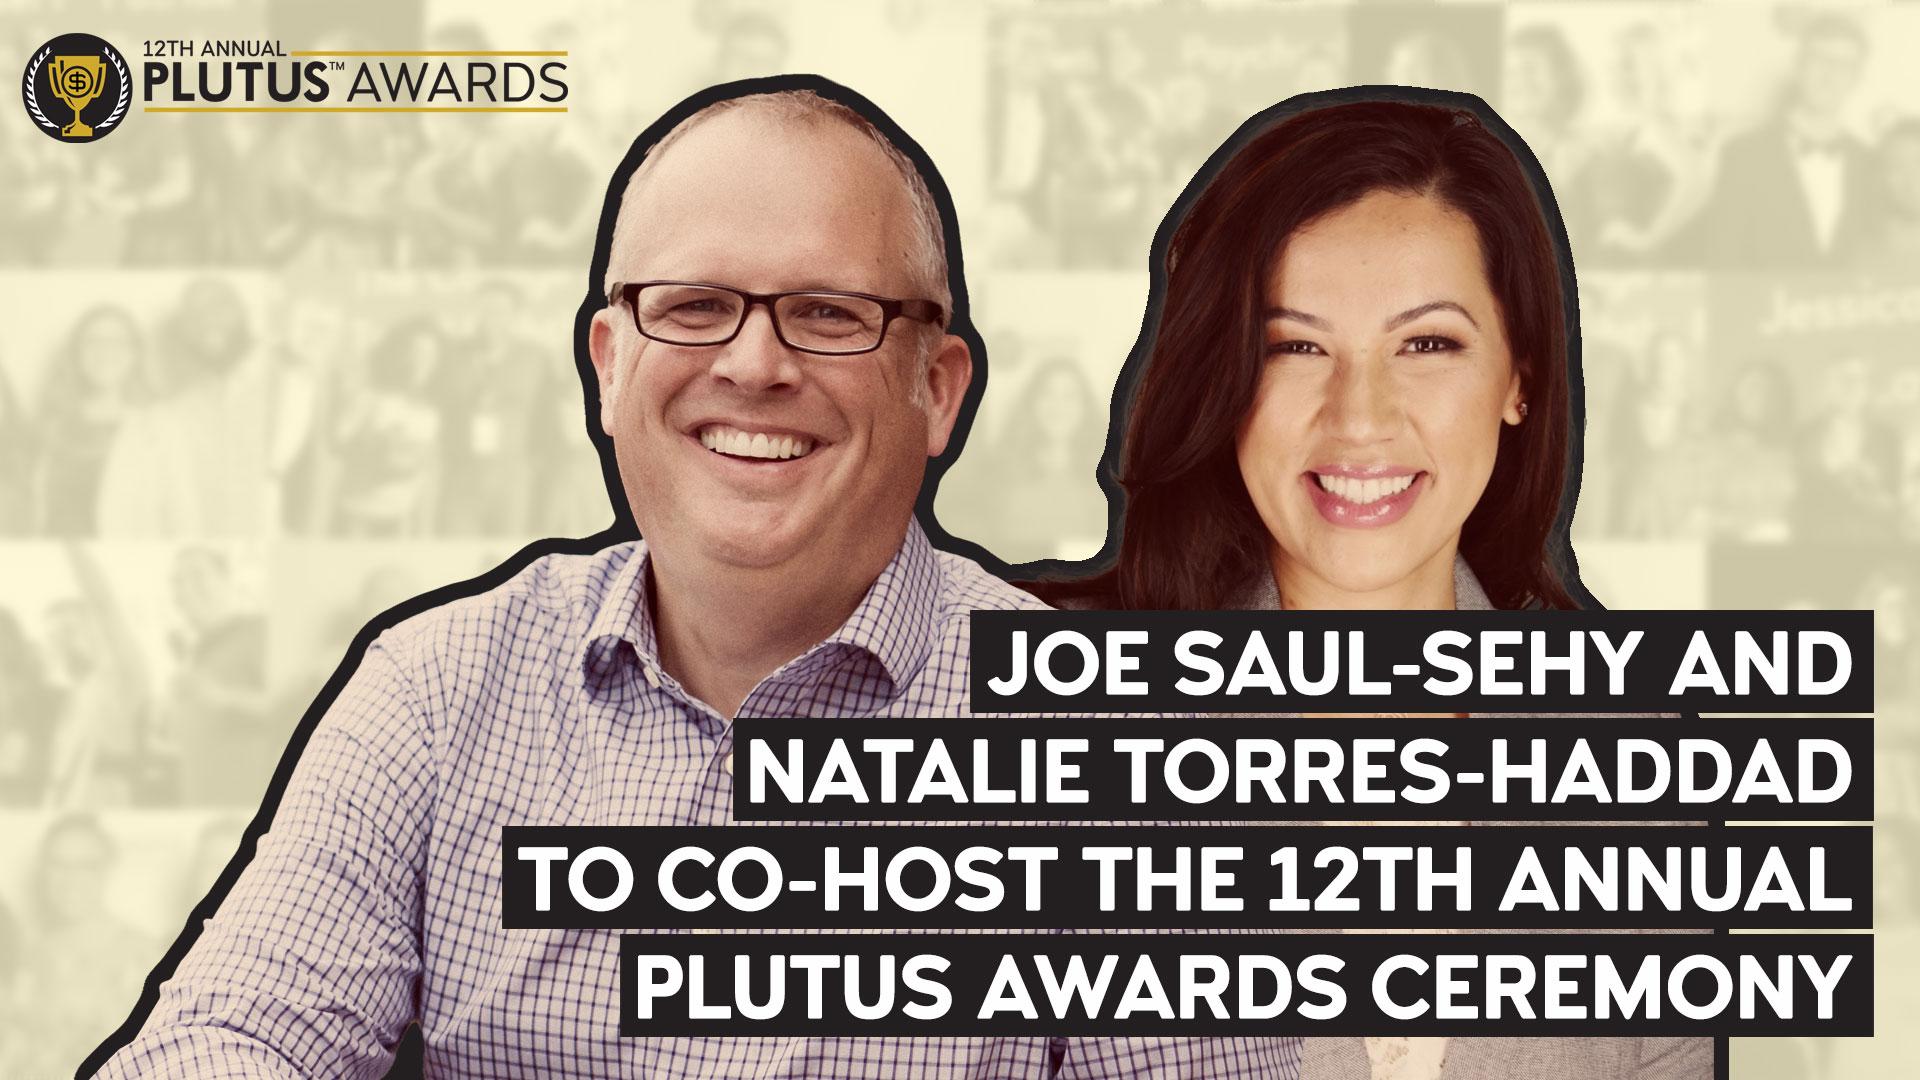 Plutus Awards - Joe Saul-Sehy and Natalie Torres-Haddad